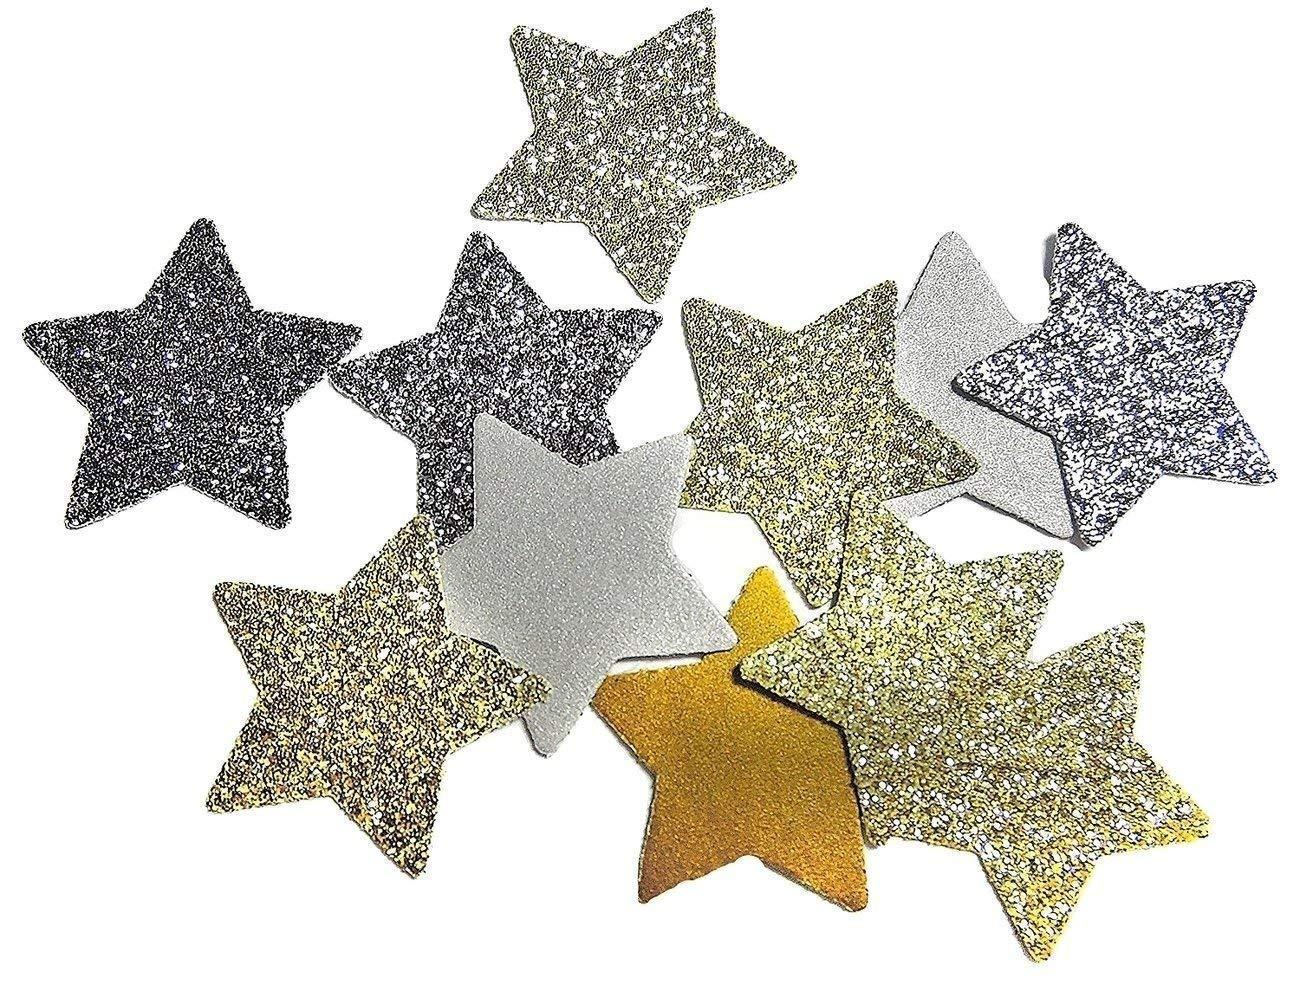 Silber Glitter und Gold Glitter Stern Konfetti fü r Hochzeit Geburtstagsfeier Dekoration